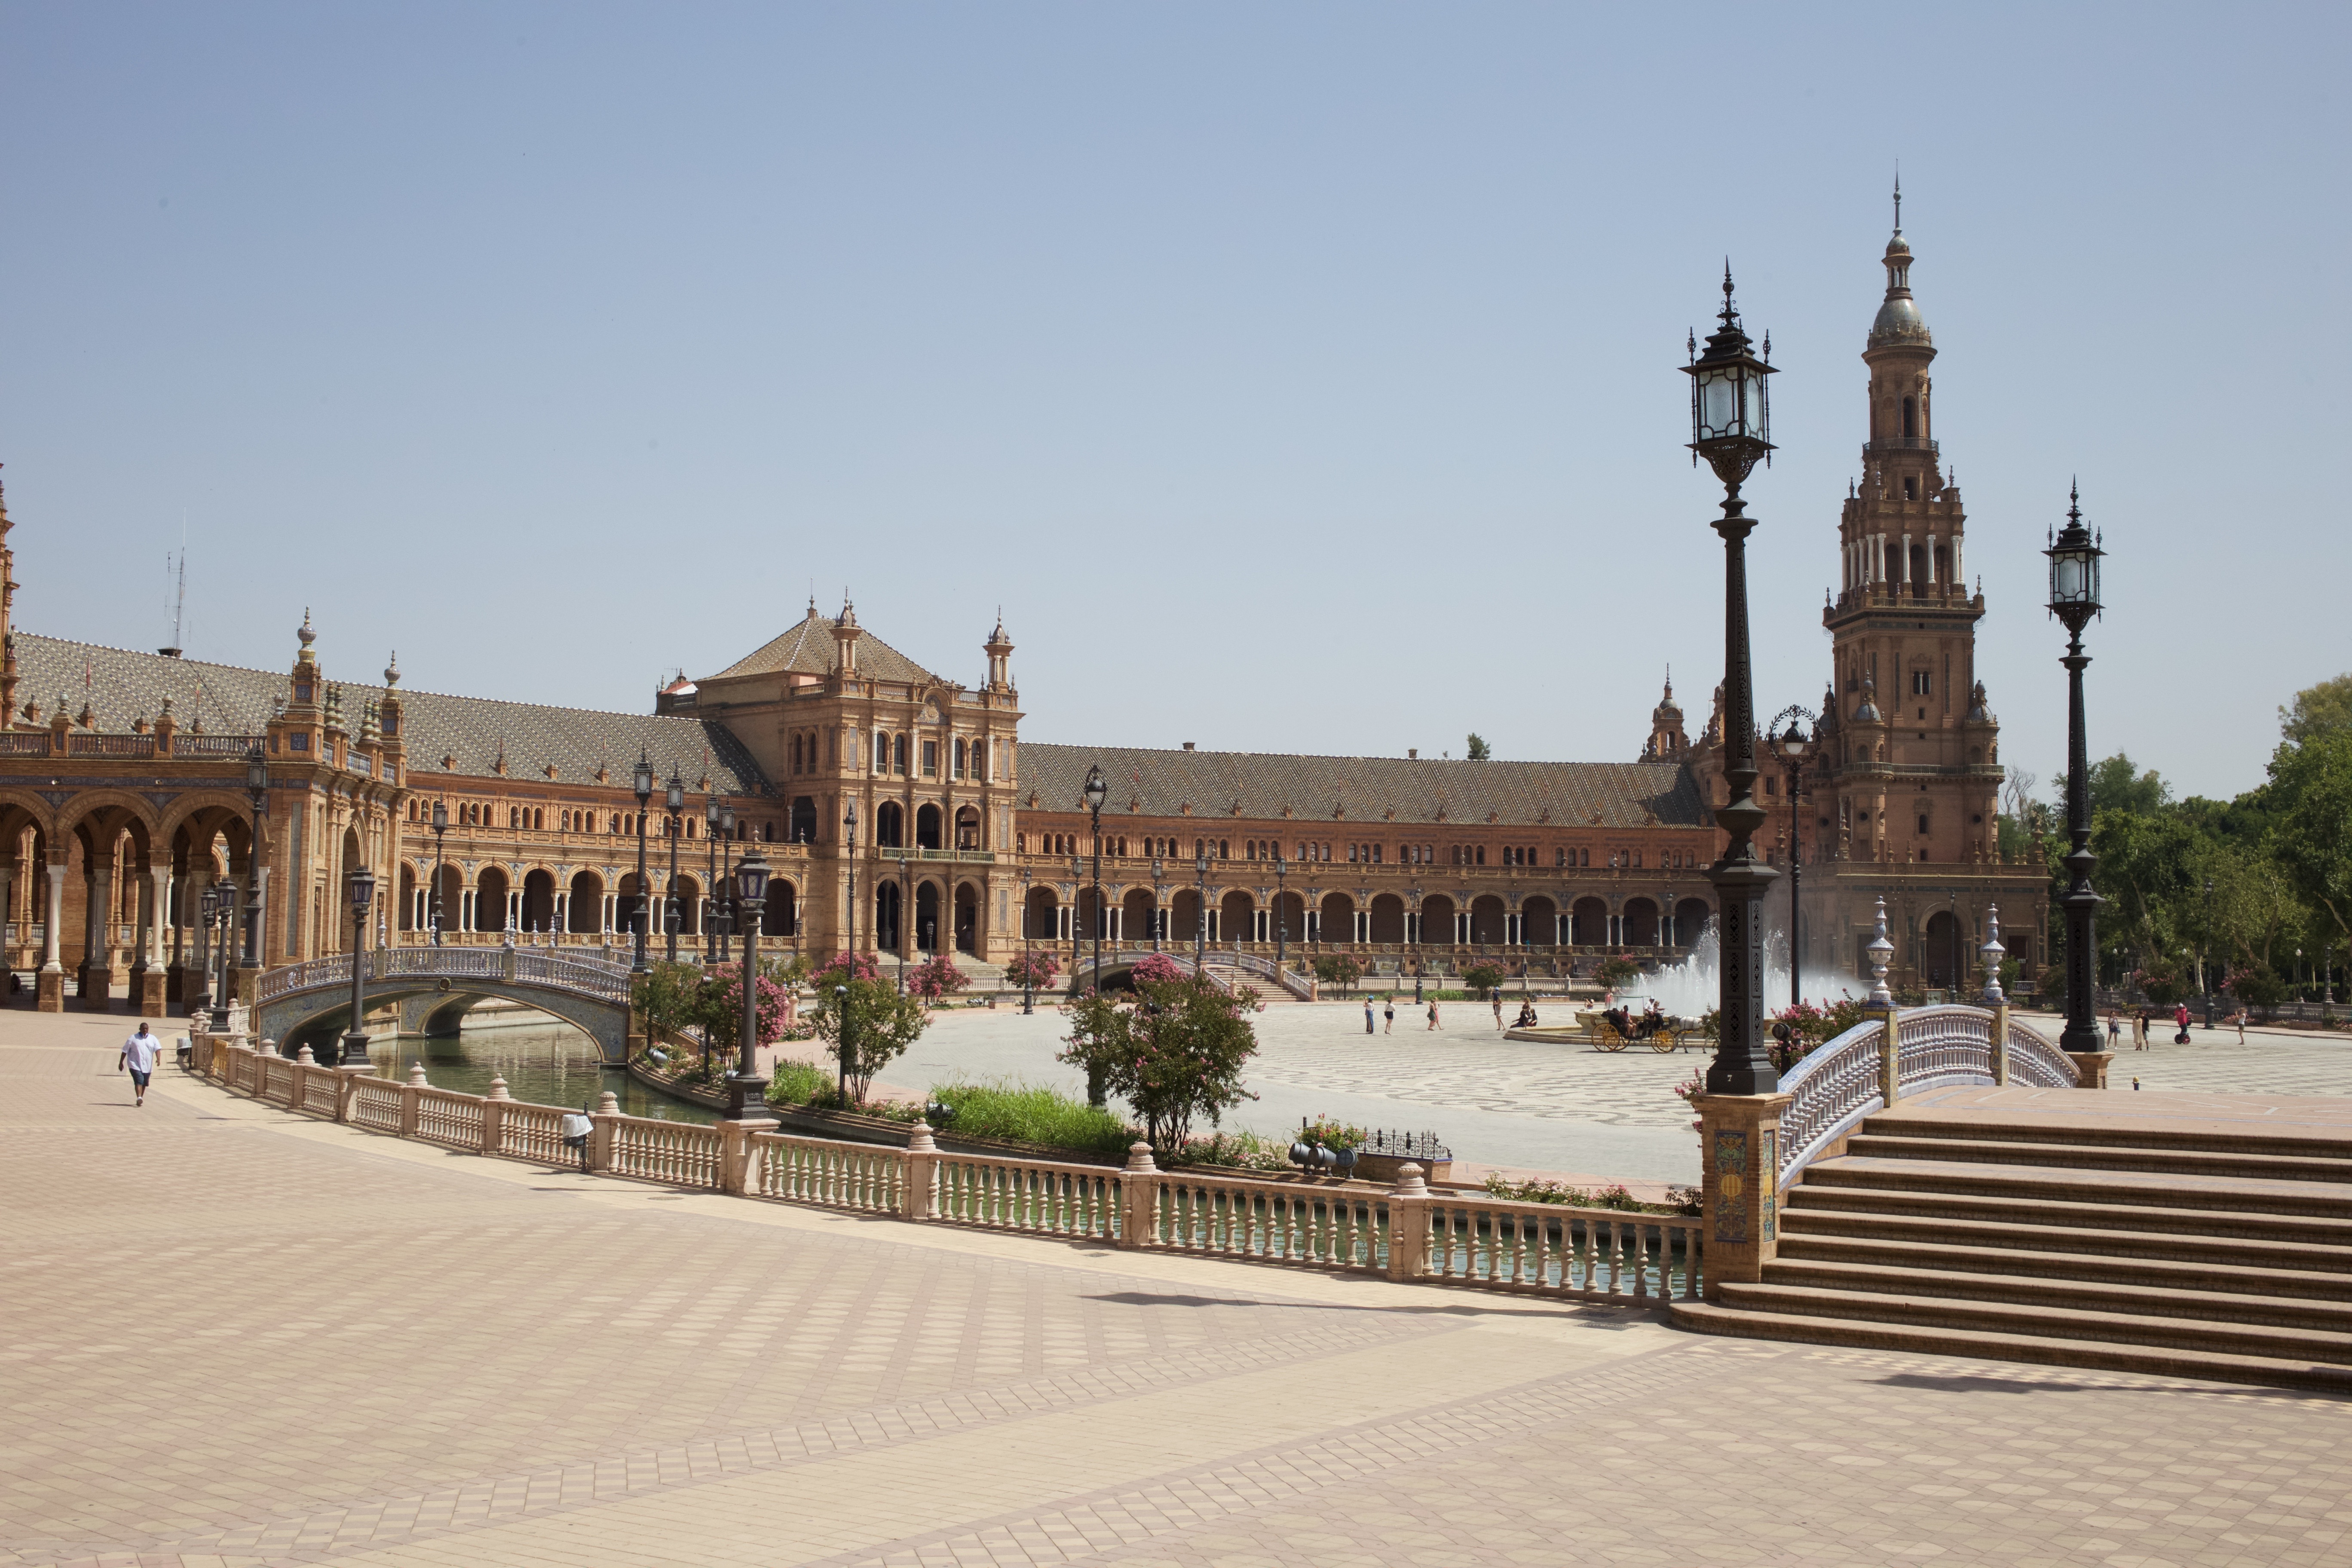 Tipps-Kurztrip-Sevilla-Handgepäck-Guide-Travel-Reiseblog-Reisen_7920